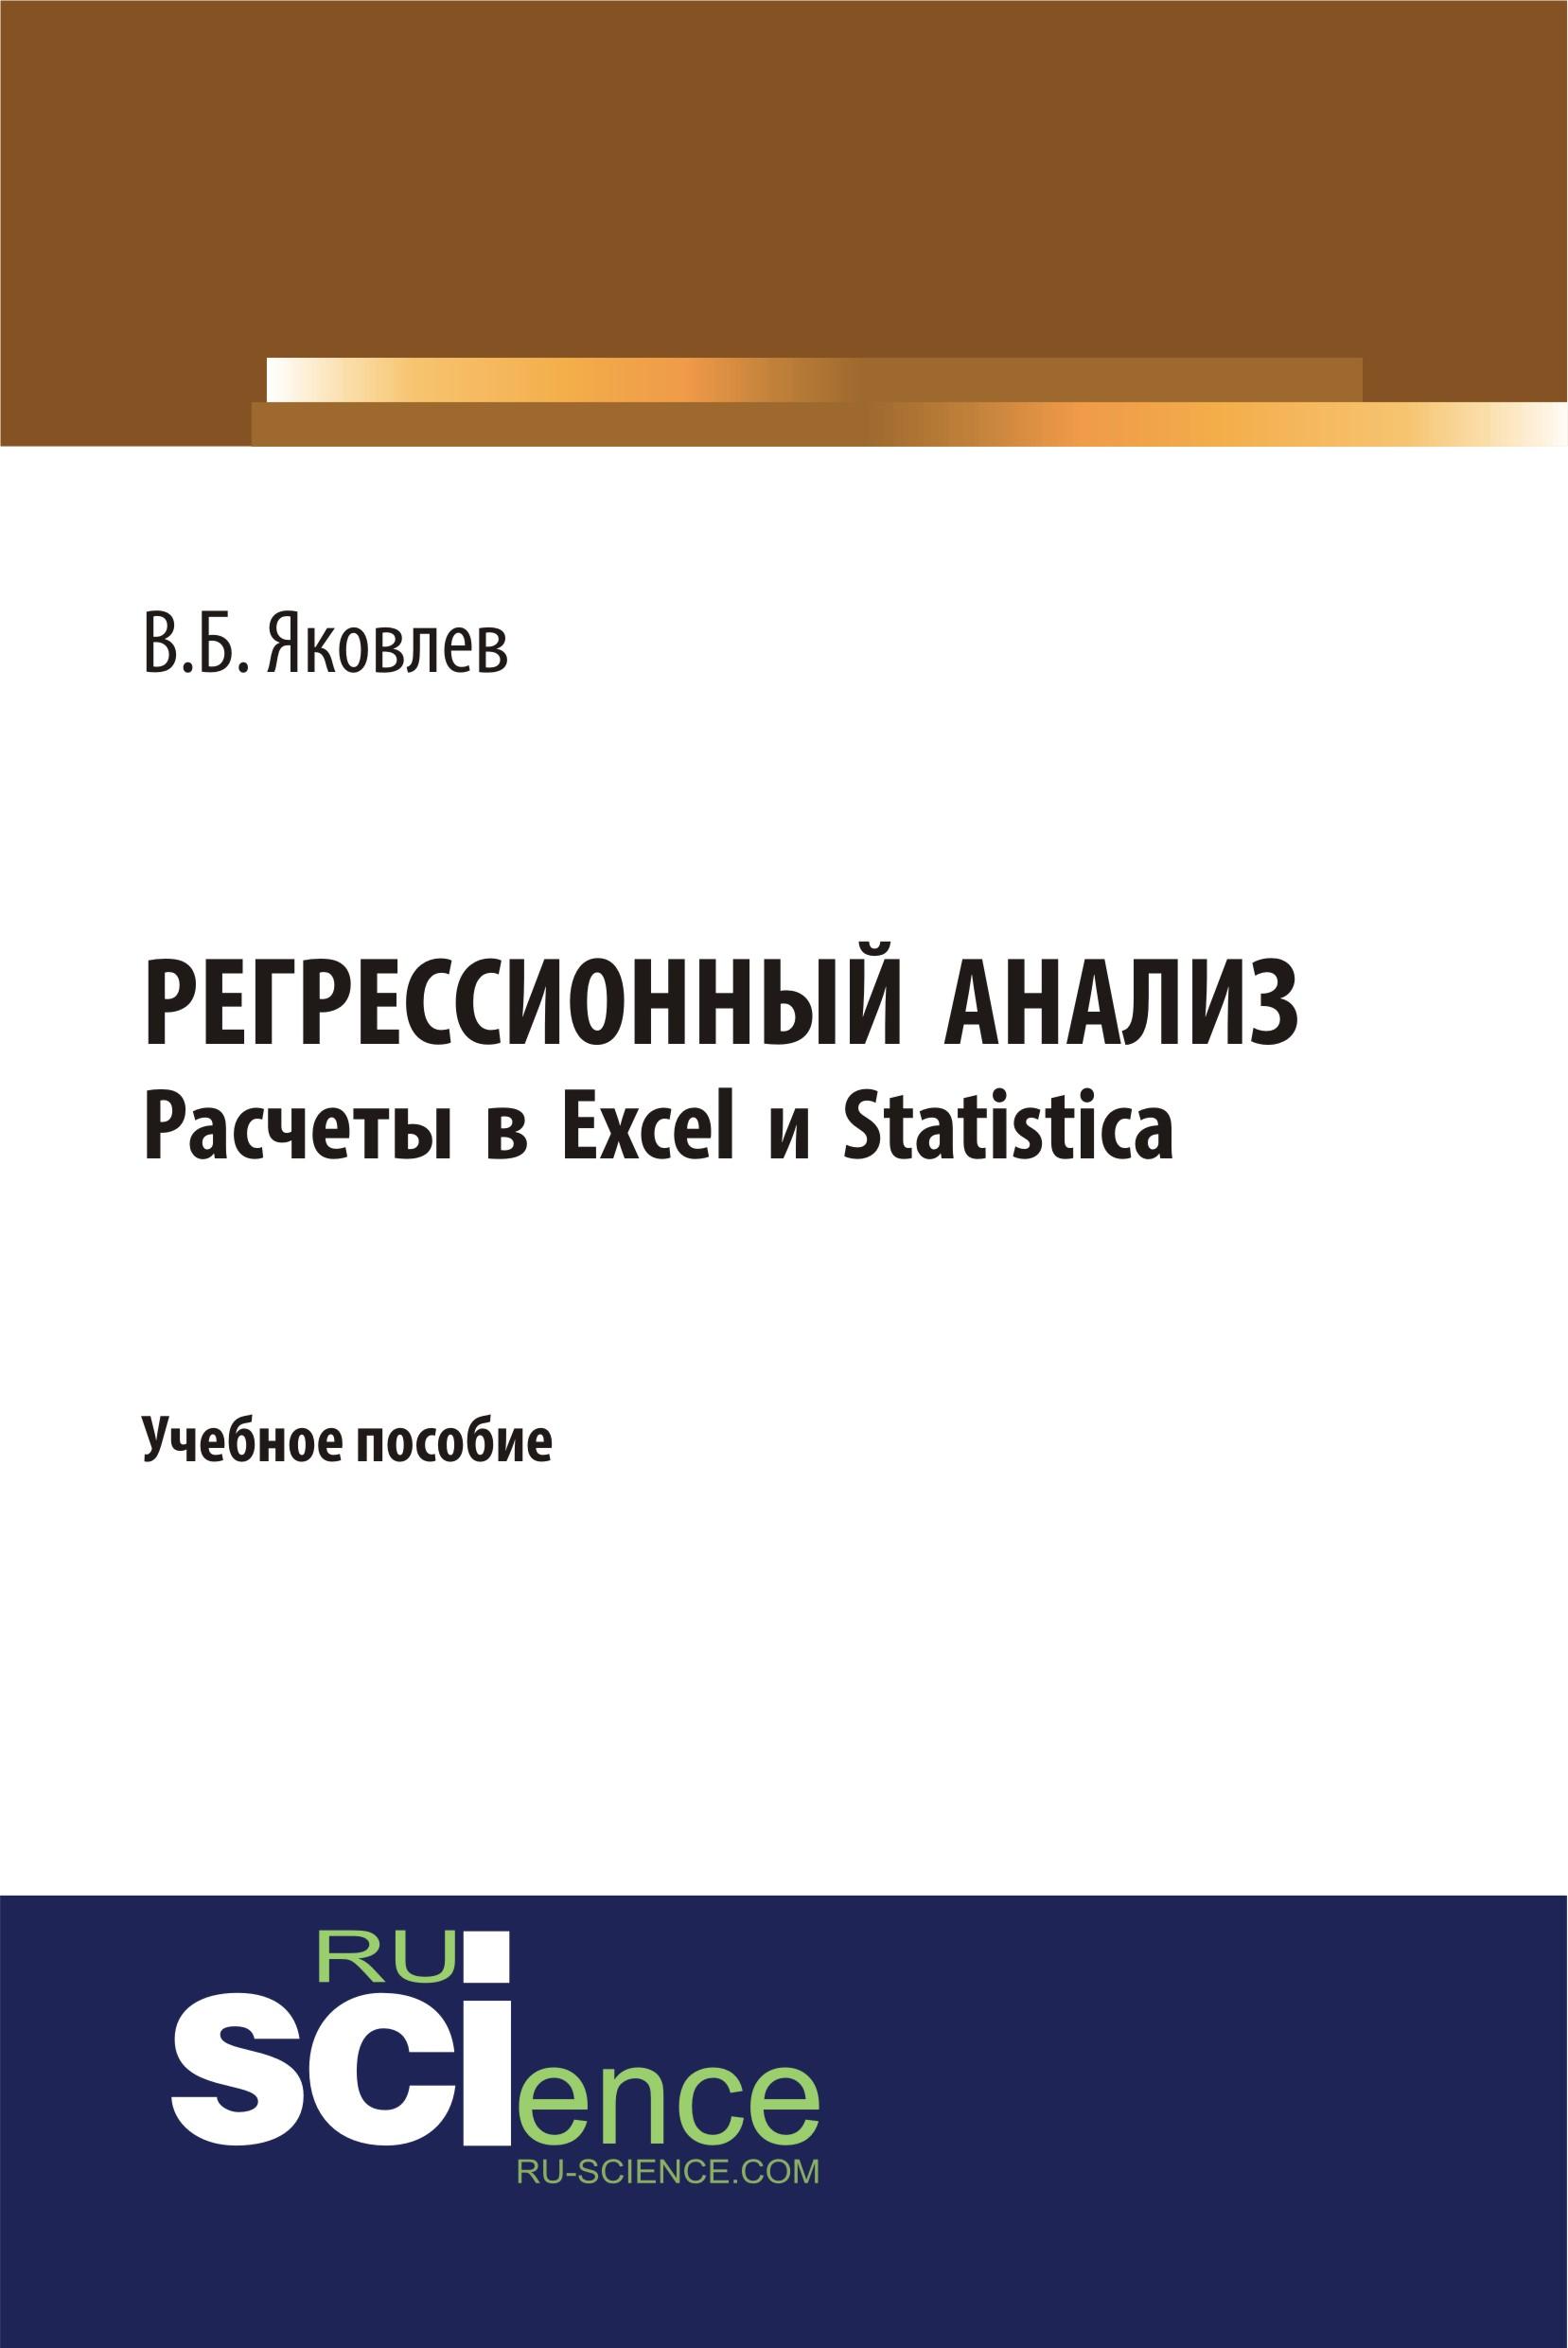 В. Б. Яковлев Регрессионный анализ. Расчеты в Excel и Statistica прогнозные коммерческие расчеты и анализ рисков на fuzzy for excel